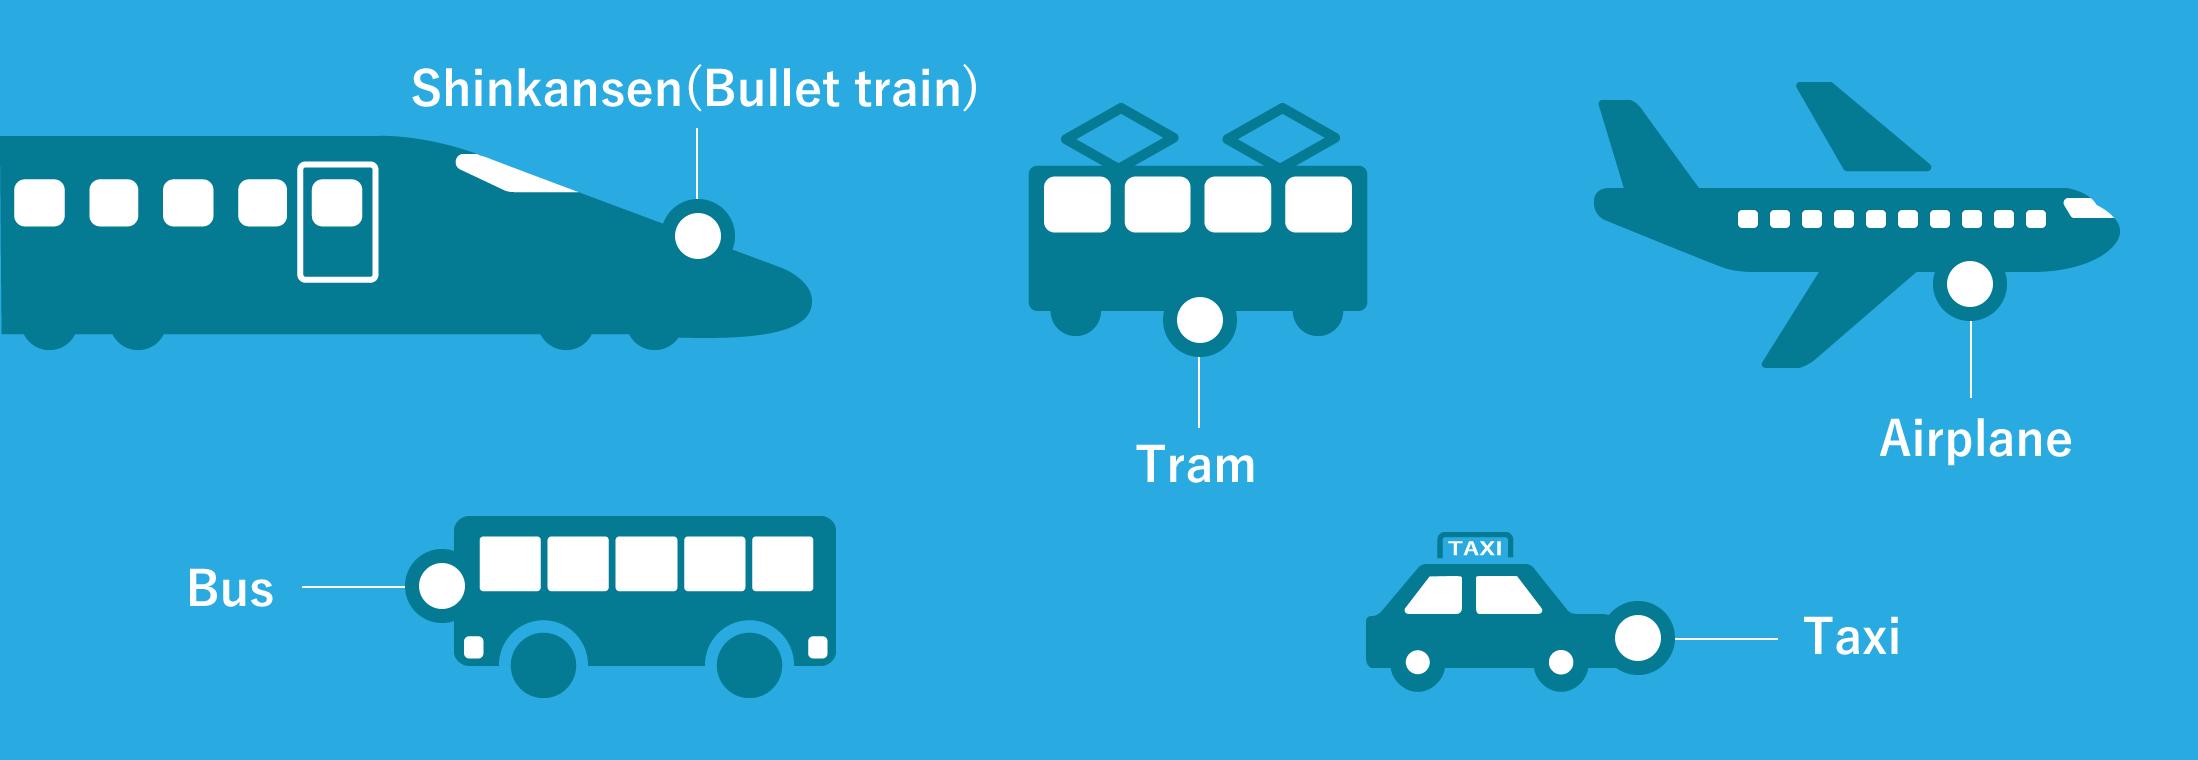 新幹線、バス、市電、タクシー、飛行機